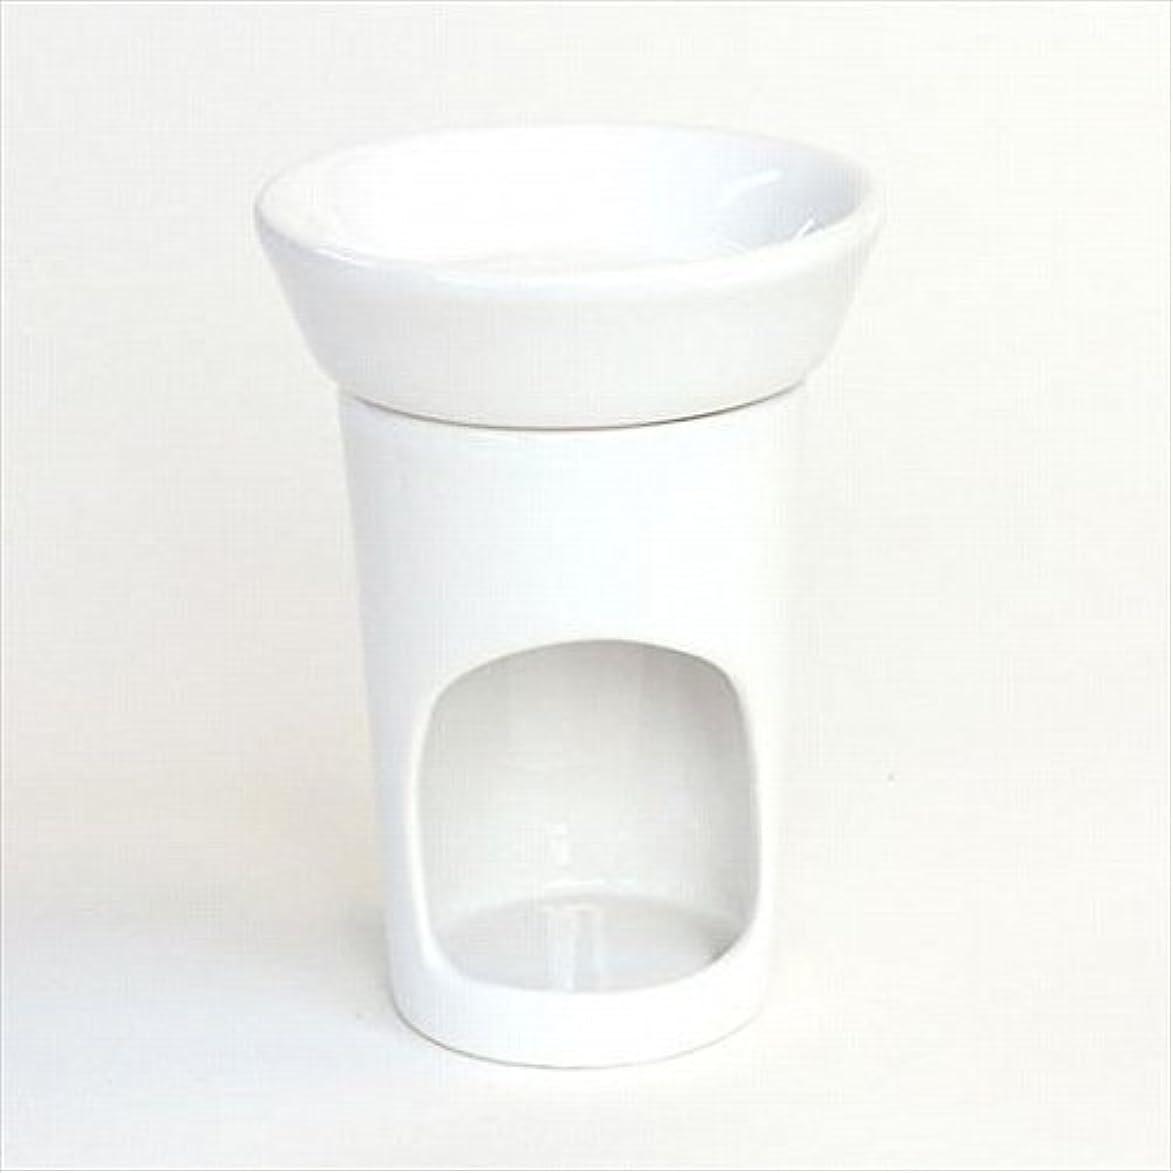 粗い神秘みkameyama candle(カメヤマキャンドル) ブランタルトウォーマー キャンドル 78x78x116mm (J5250000)